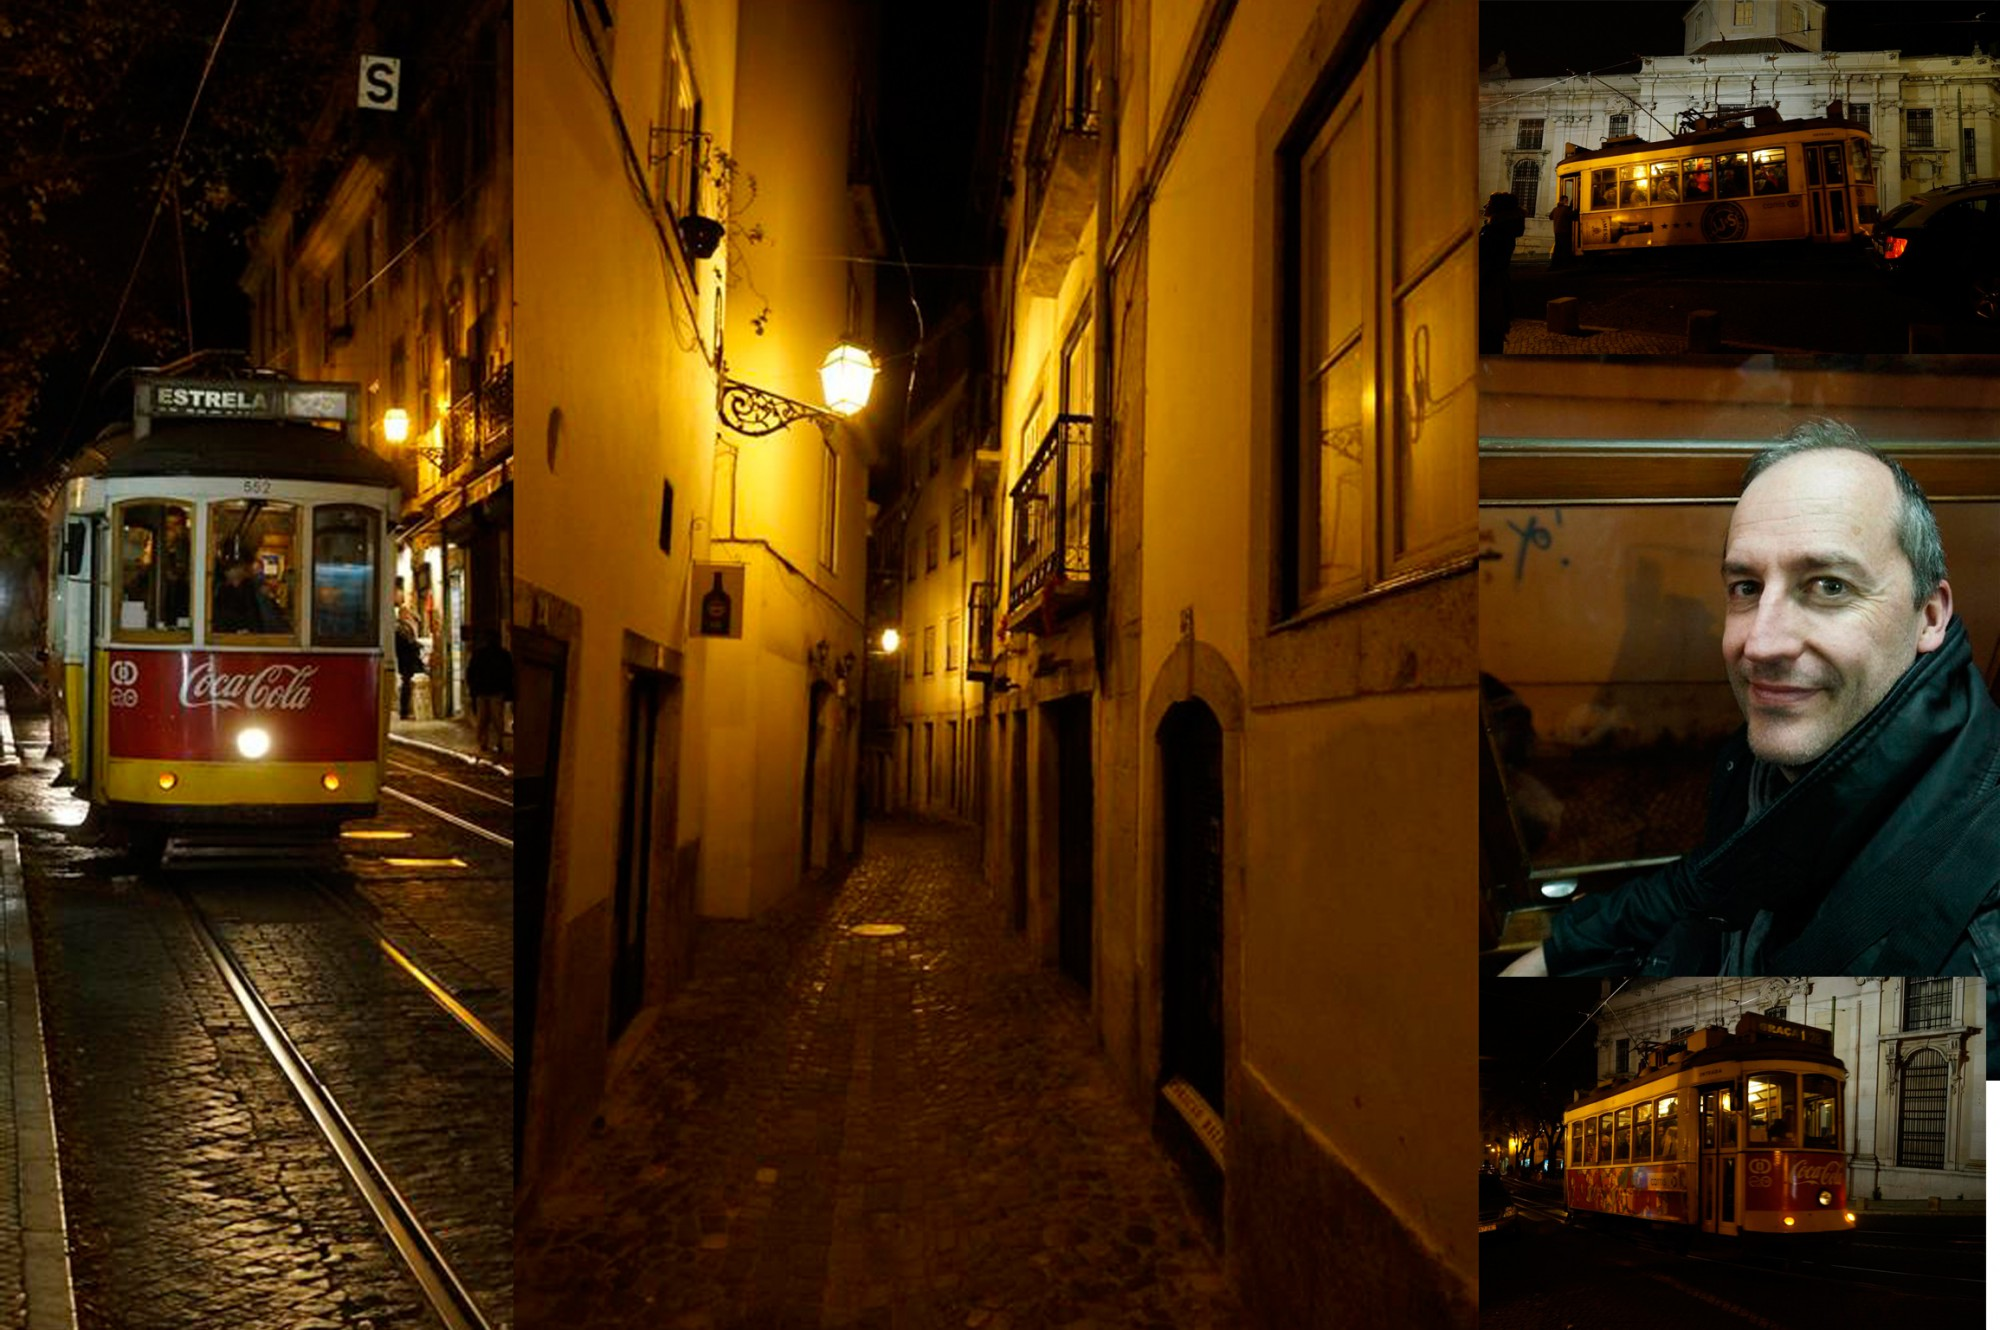 Reisetipps Lissabon in Winter von Ü40 Bloggerin Cerstin iknmlo 28A